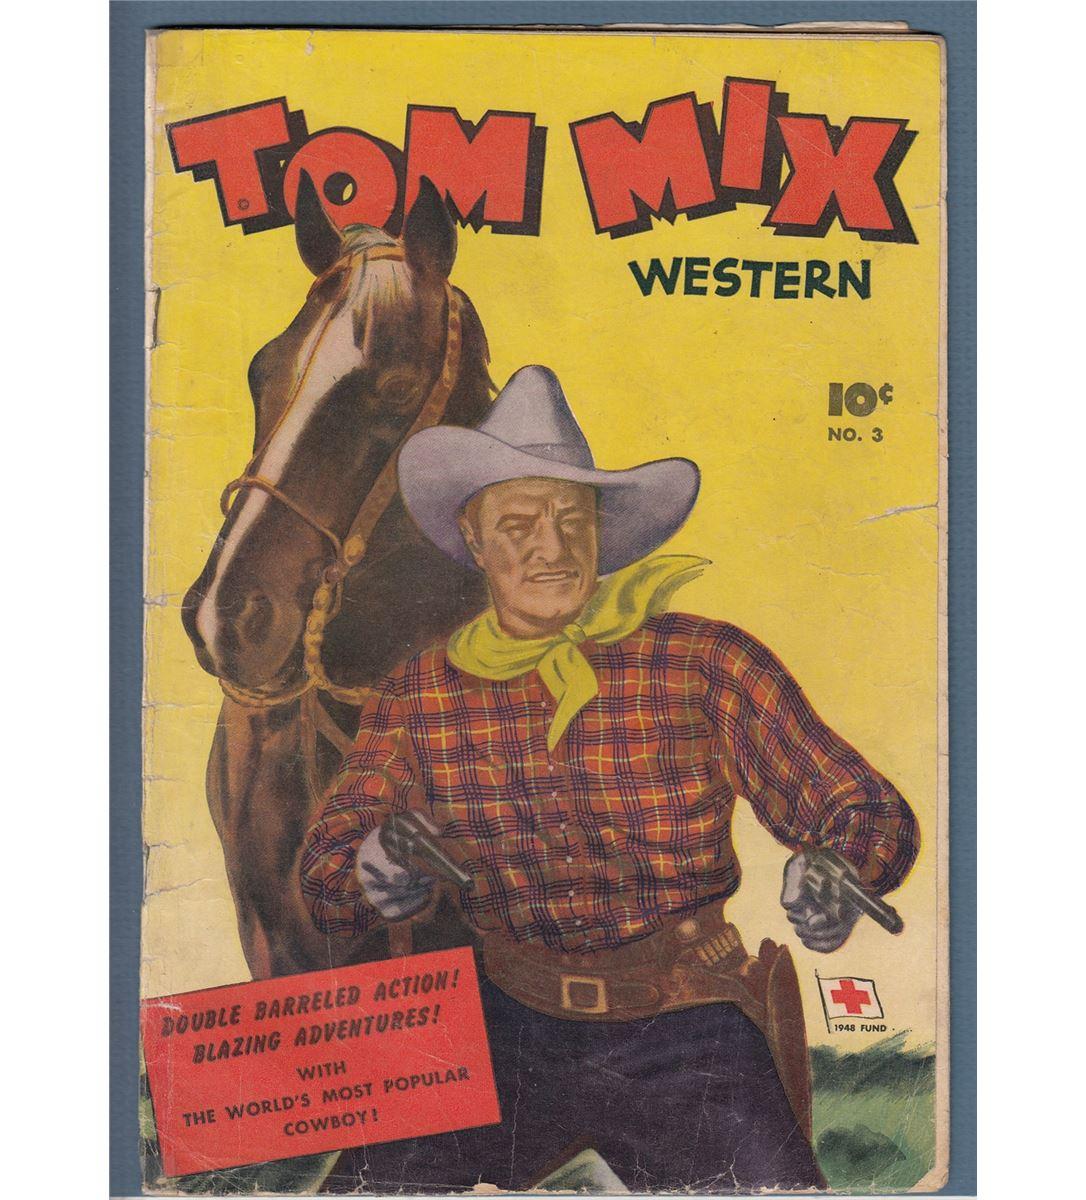 1043dd2f Image 1 : Tom Mix #3(1948) G.A. Western Comic ...